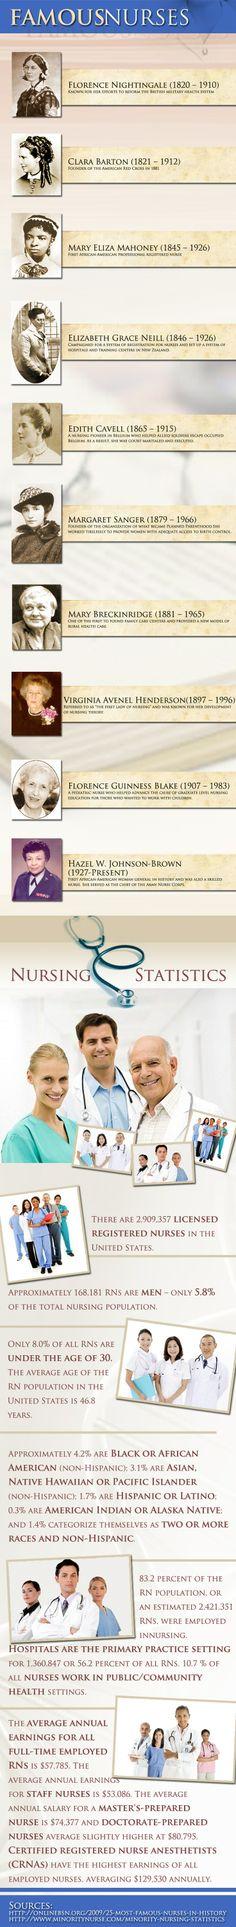 Infografía sobre historia de la enfermería, datos y enfermeras famosas (english)